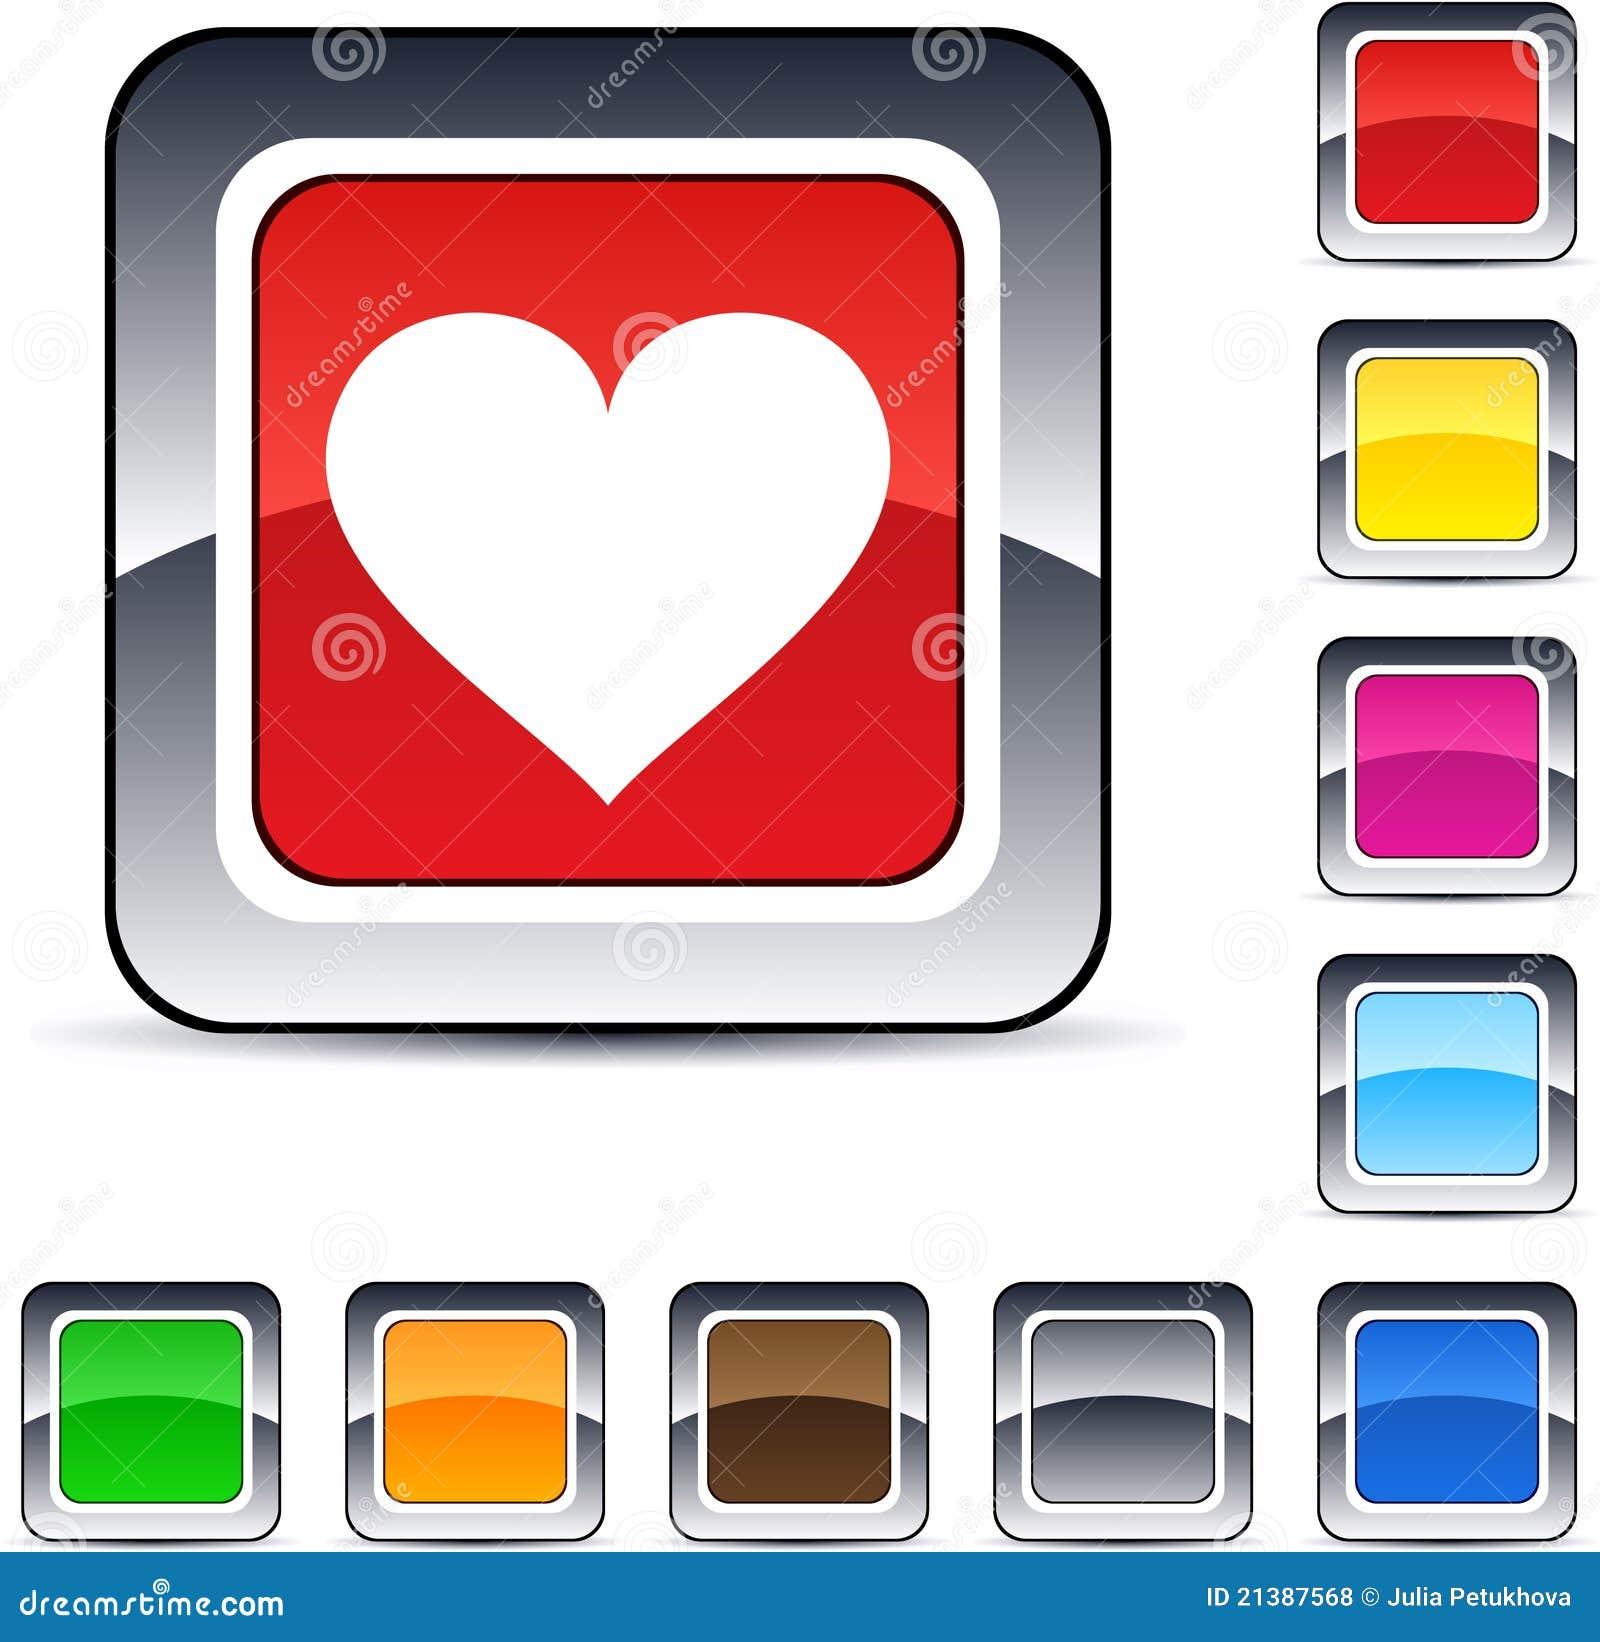 Heart square button.